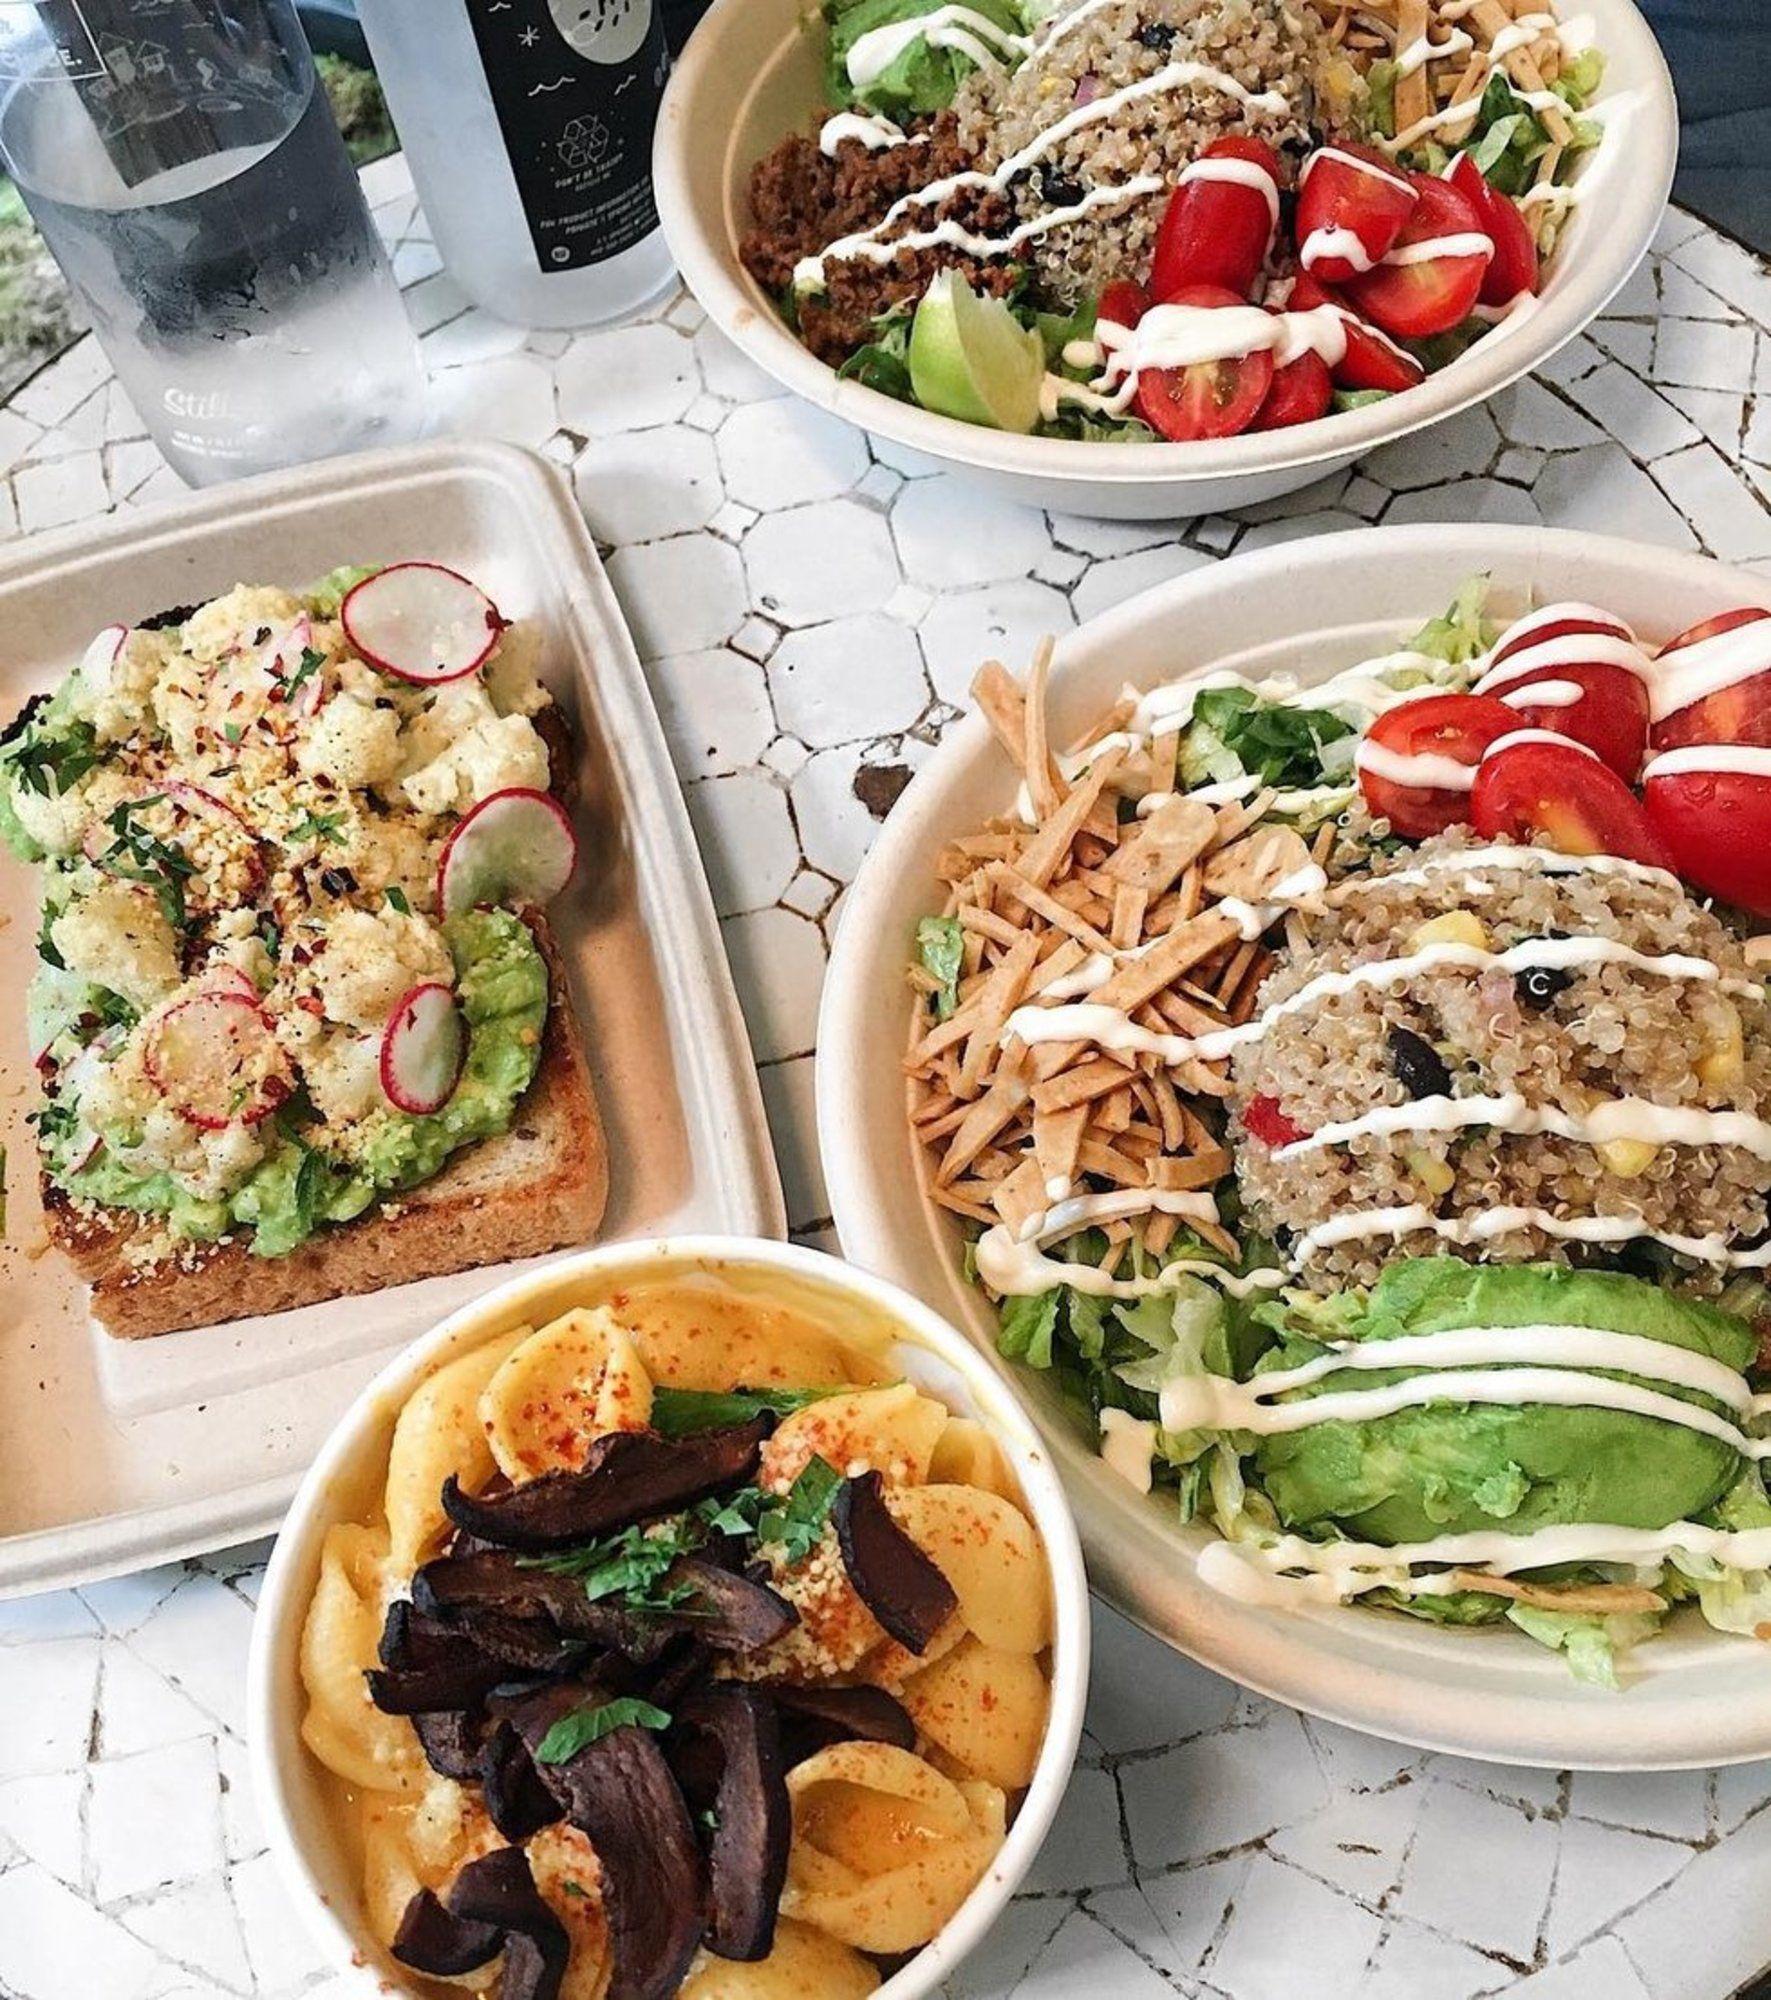 5 Amazing Vegan Joints In Nyc Vegan Food Truck New York Food Vegan Restaurants